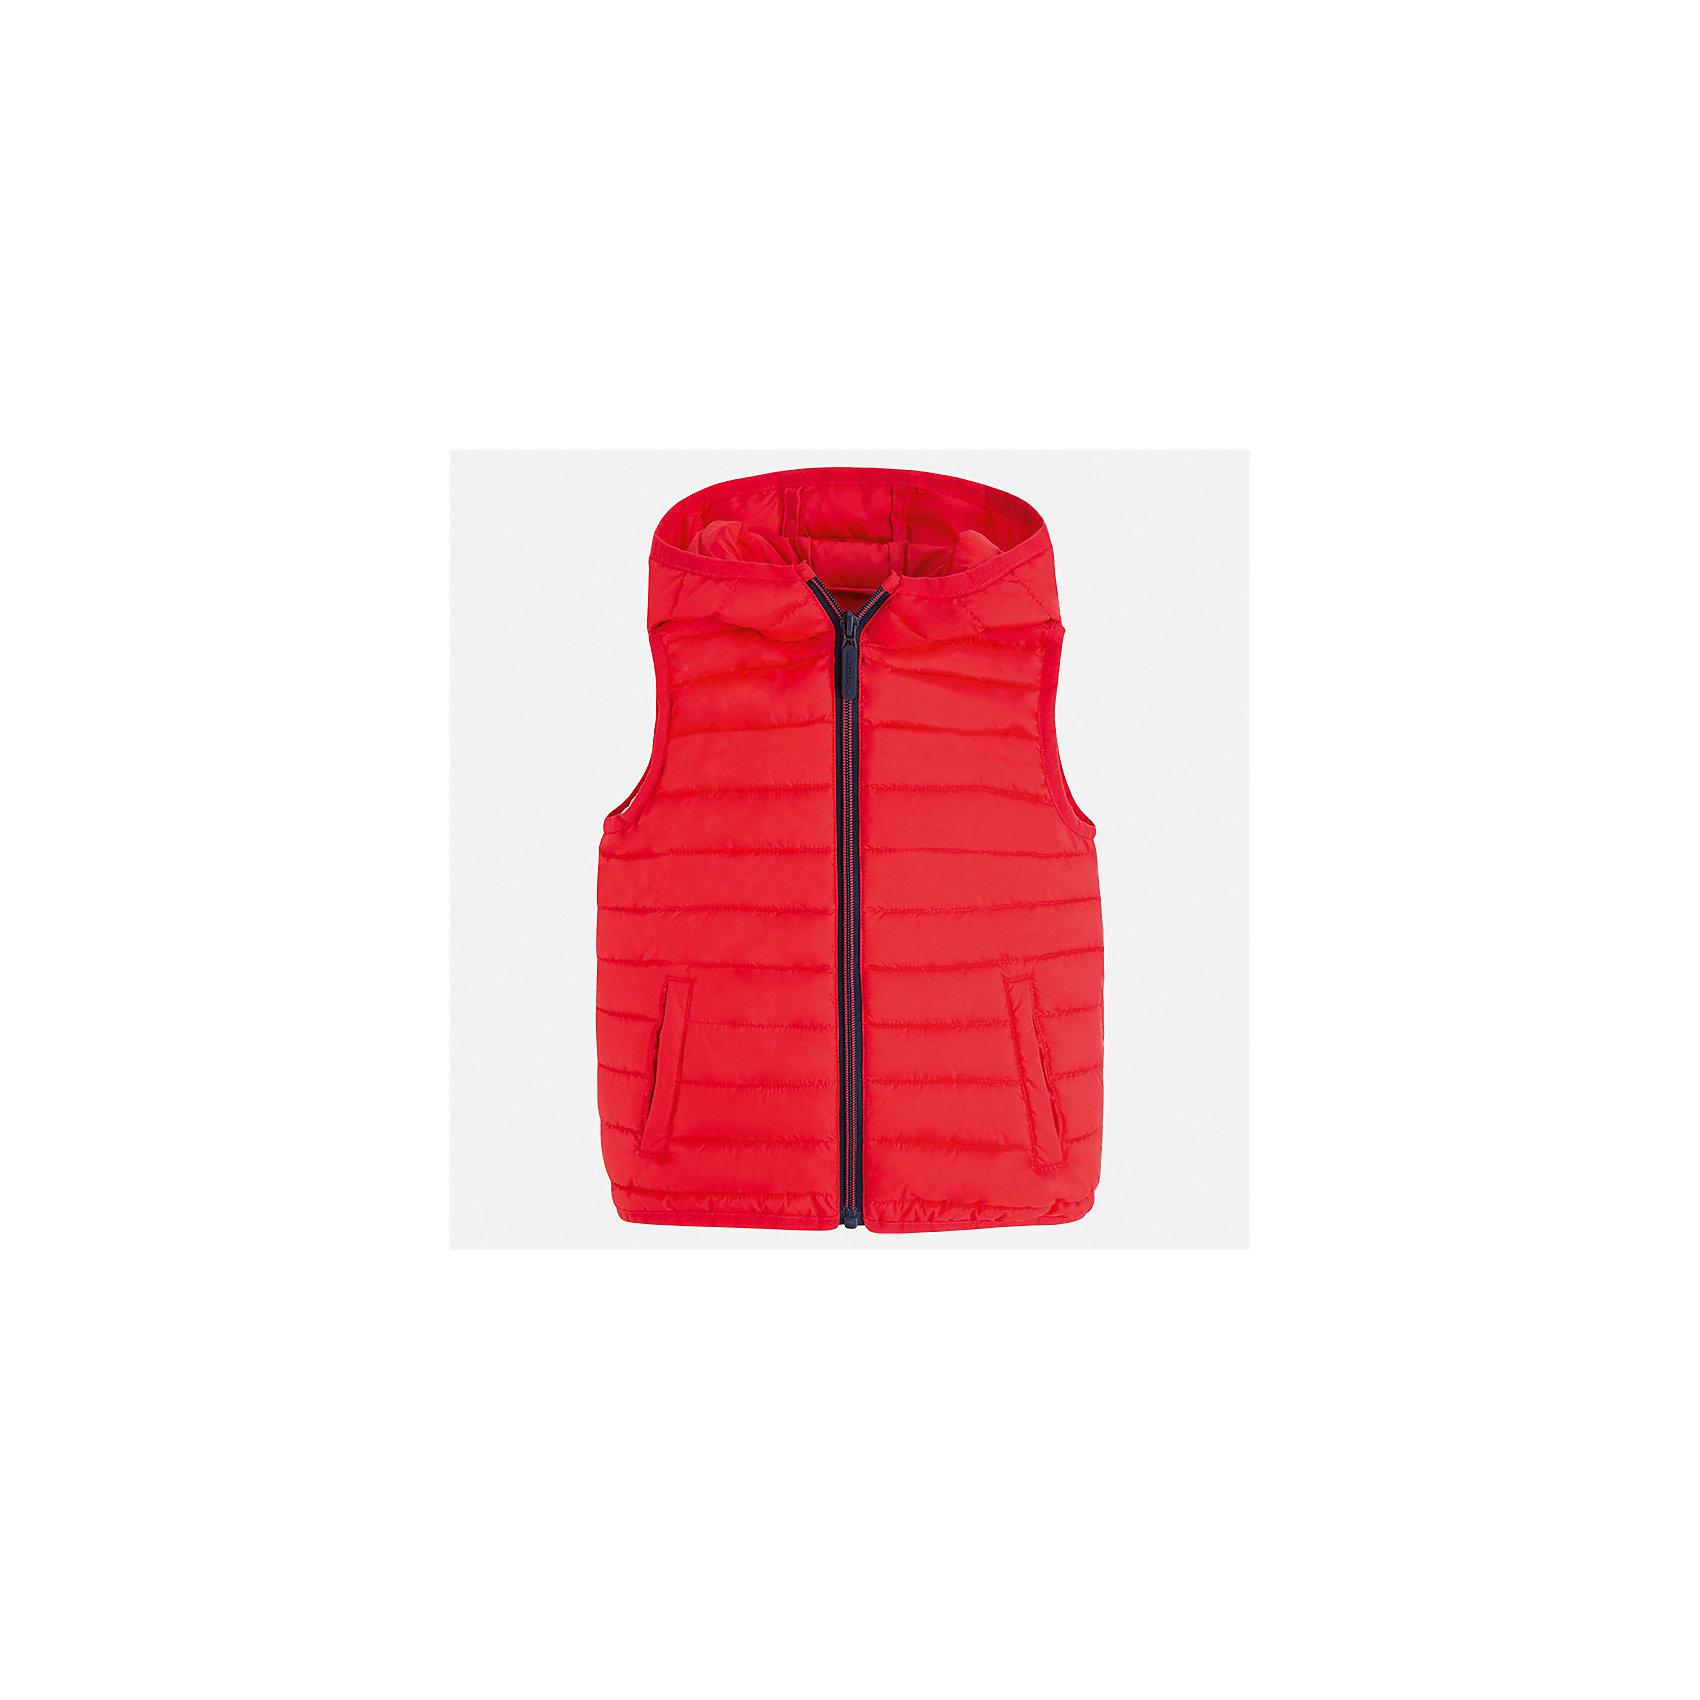 Жилет для мальчика MayoralВерхняя одежда<br>Характеристики товара:<br><br>• цвет: красный<br>• состав: 100% полиэстер<br>• температурный режим: от +20°до +10°С<br>• без рукавов<br>• карманы<br>• молния <br>• капюшон<br>• страна бренда: Испания<br><br>Стильный жилет для мальчика поможет разнообразить гардероб ребенка и обеспечить тепло. Он отлично сочетается и с джинсами, и с брюками. Универсальный цвет позволяет подобрать к вещи низ различных расцветок. Модное и практичное изделие.<br><br>Одежда, обувь и аксессуары от испанского бренда Mayoral полюбились детям и взрослым по всему миру. Модели этой марки - стильные и удобные. Для их производства используются только безопасные, качественные материалы и фурнитура. Порадуйте ребенка модными и красивыми вещами от Mayoral! <br><br>Жилет для мальчика от испанского бренда Mayoral (Майорал) можно купить в нашем интернет-магазине.<br><br>Ширина мм: 190<br>Глубина мм: 74<br>Высота мм: 229<br>Вес г: 236<br>Цвет: розовый<br>Возраст от месяцев: 72<br>Возраст до месяцев: 84<br>Пол: Мужской<br>Возраст: Детский<br>Размер: 122,92,134,128,116,110,104,98<br>SKU: 5280468